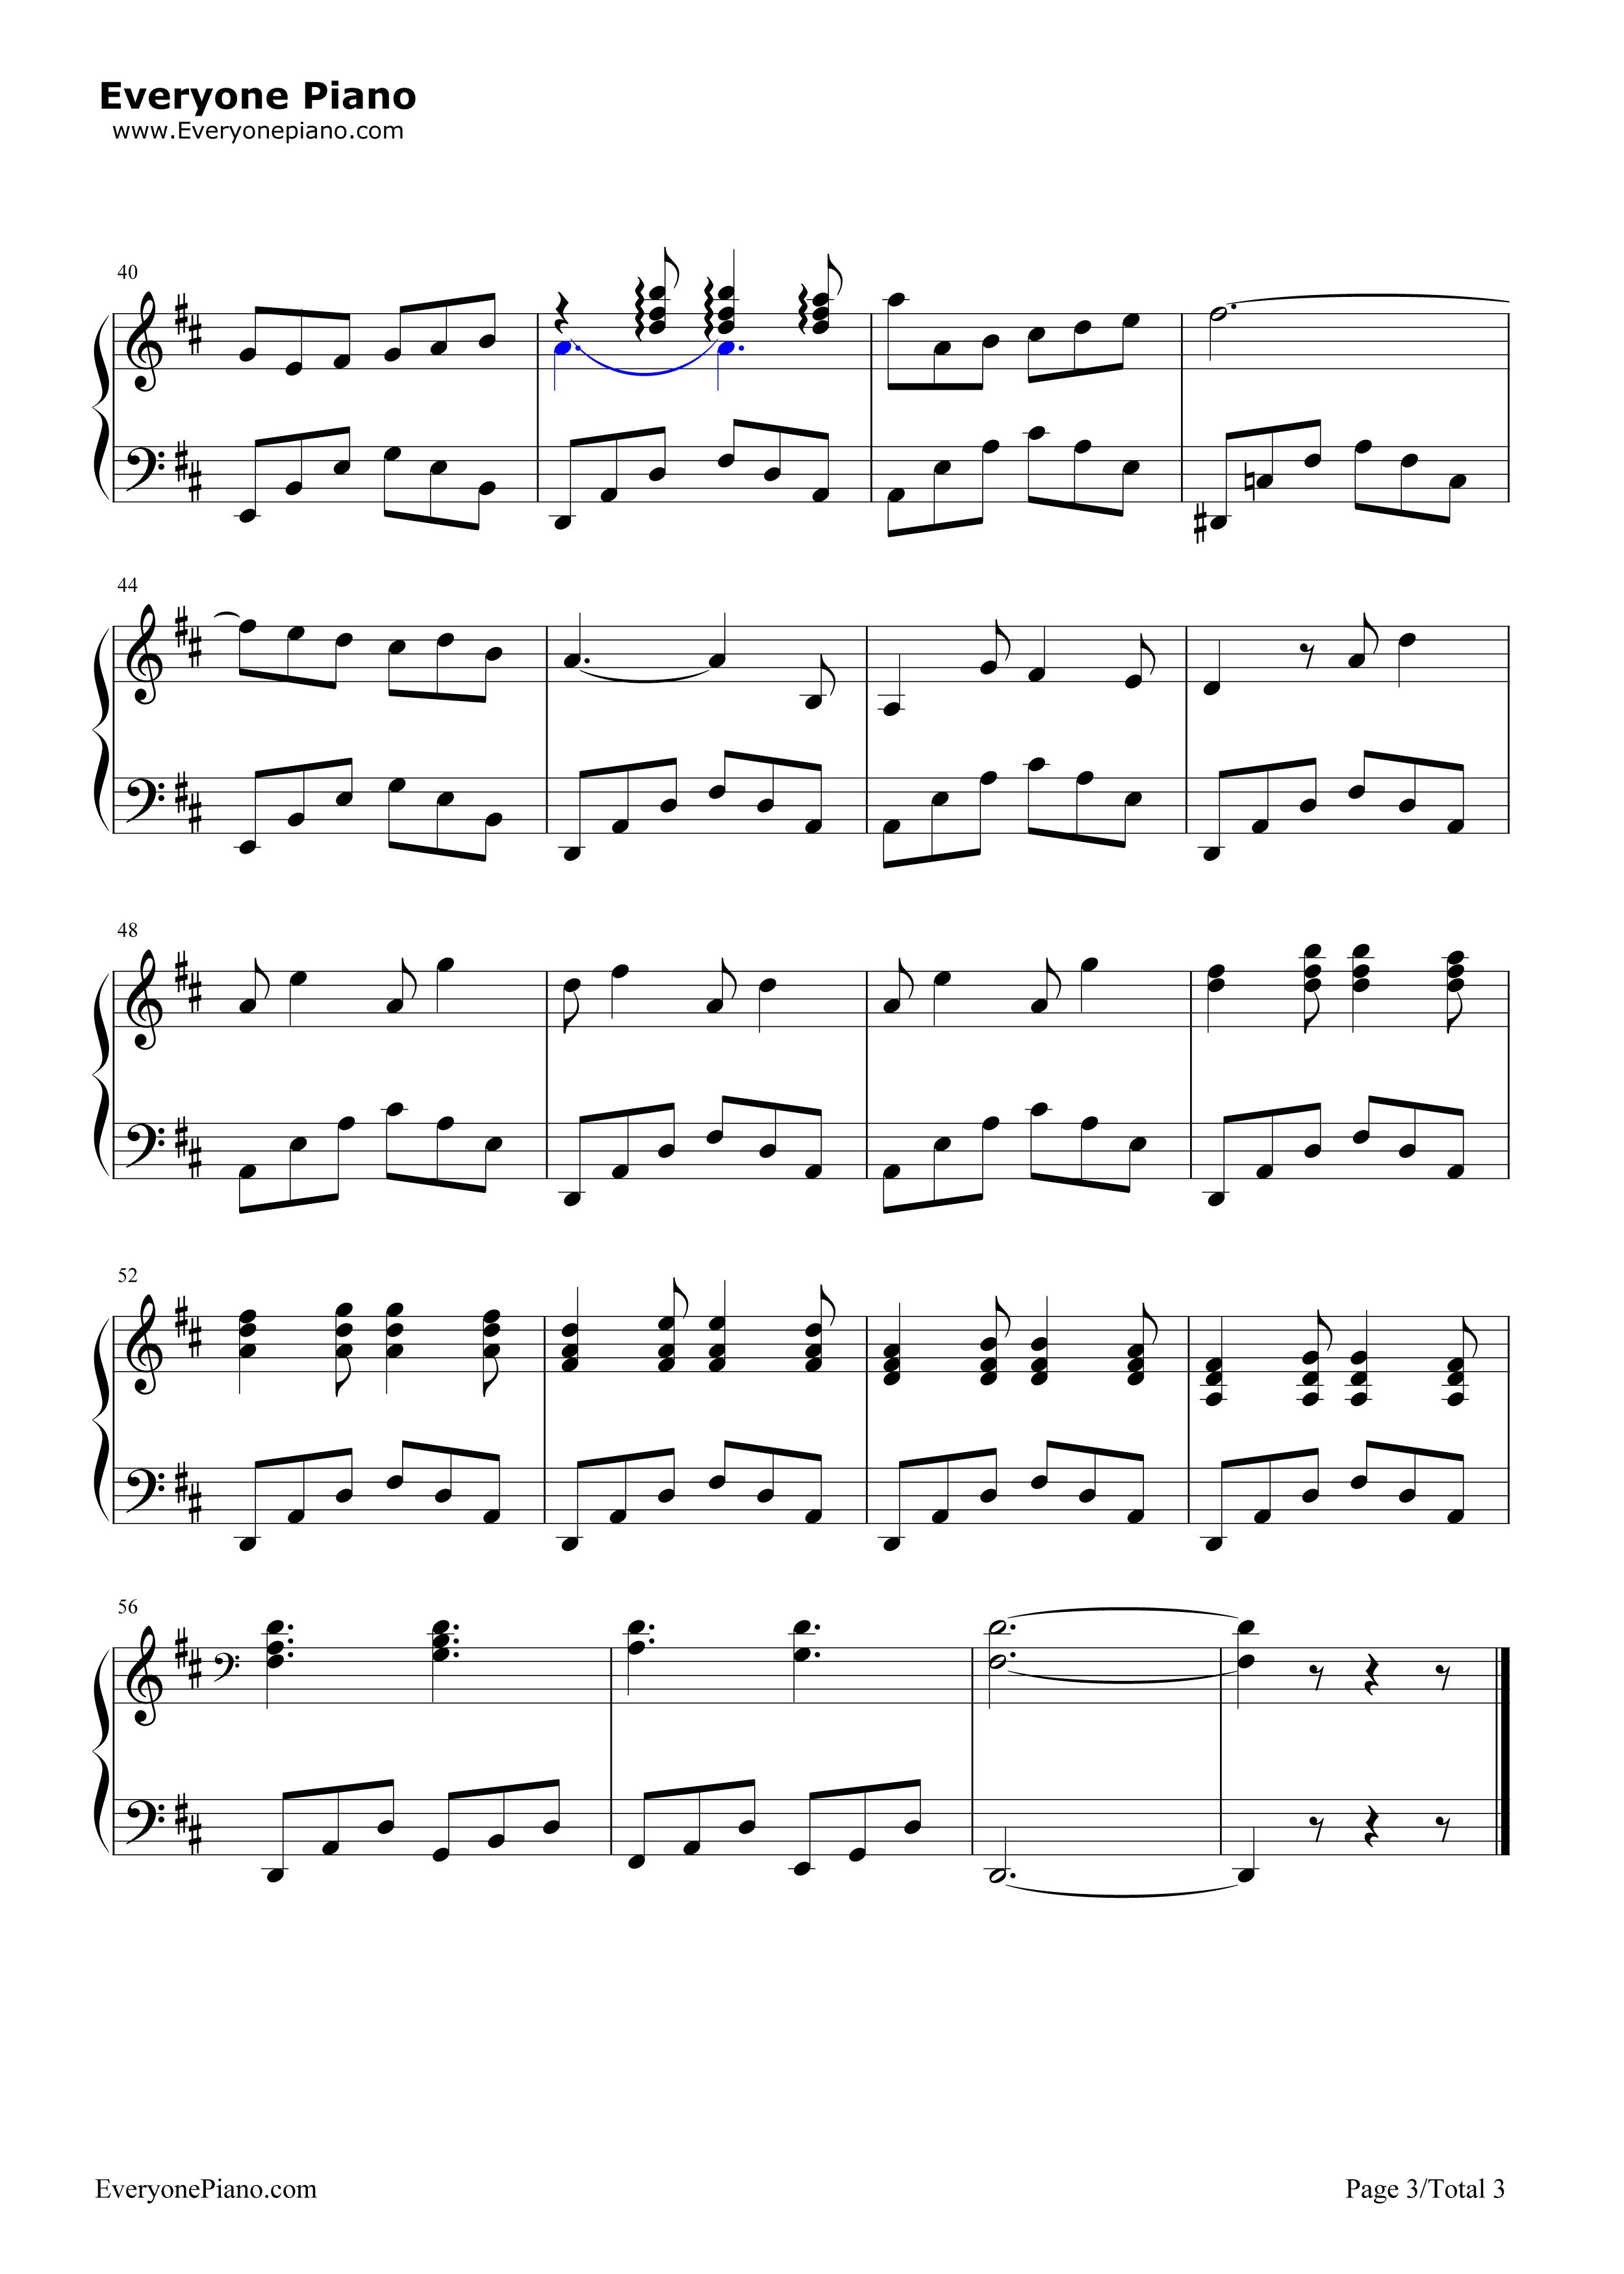 钢琴曲谱 练习曲 船歌-霍夫曼的故事ost 船歌-霍夫曼的故事ost五线谱